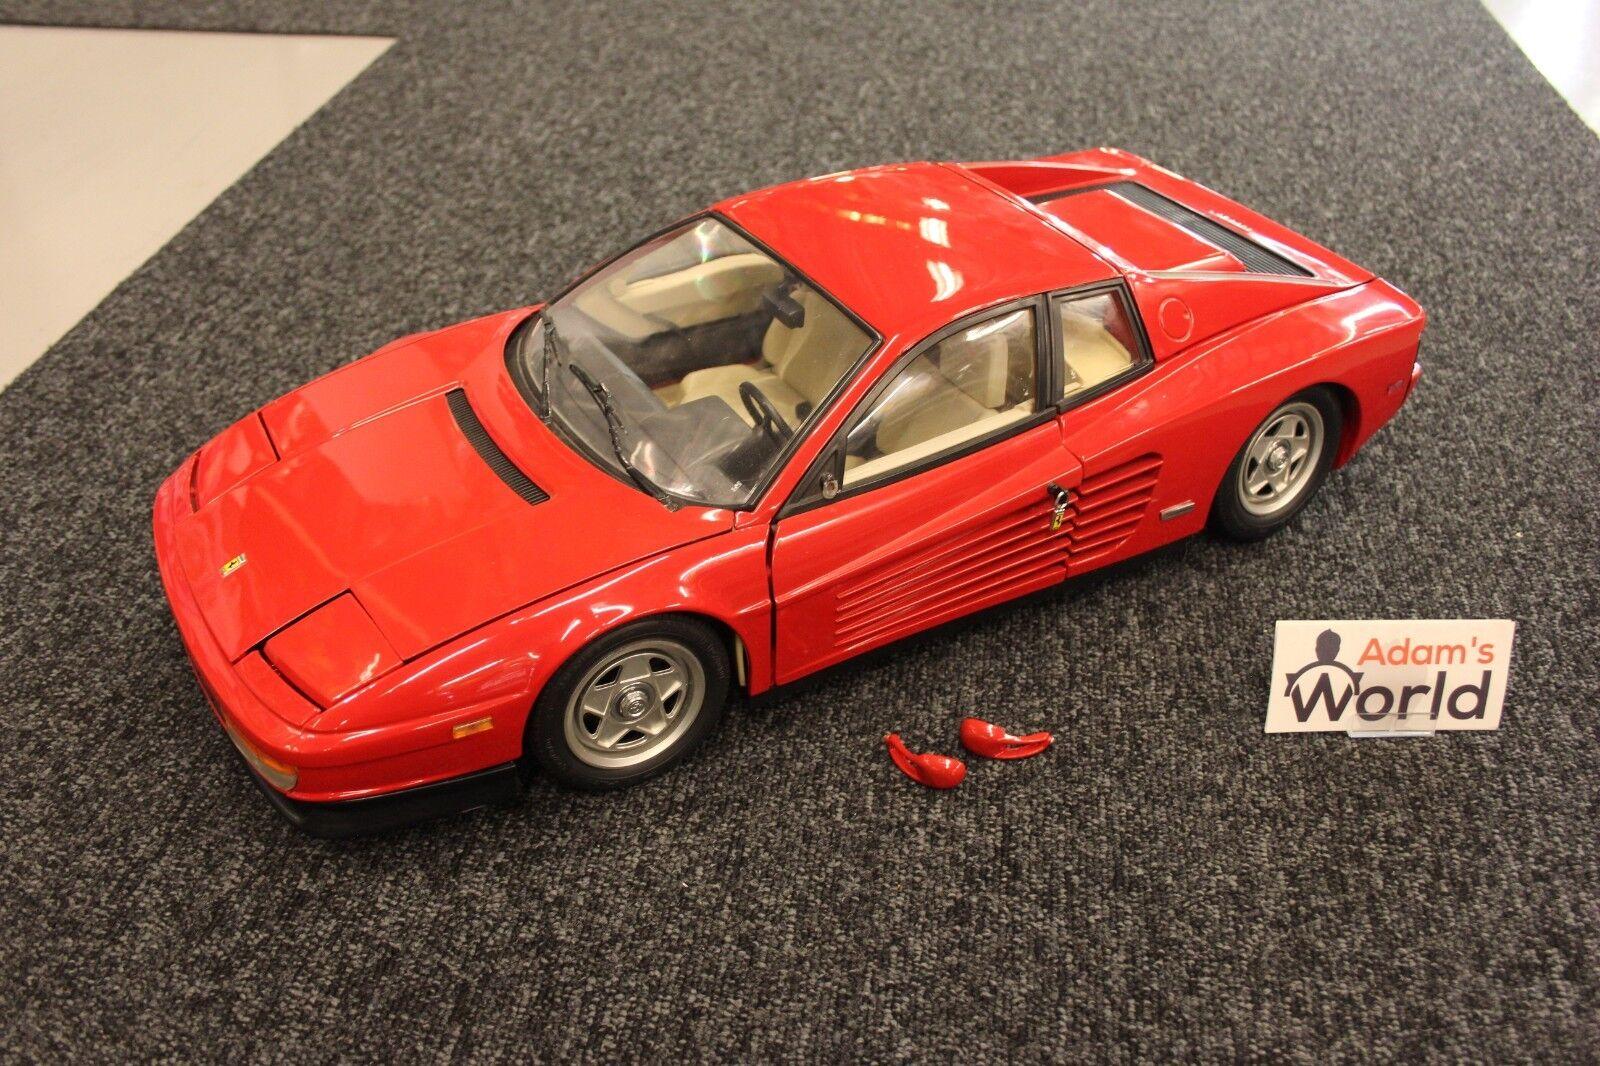 Pocher nicely built kit Ferrari TeEstrellaossa 1 8 rojo